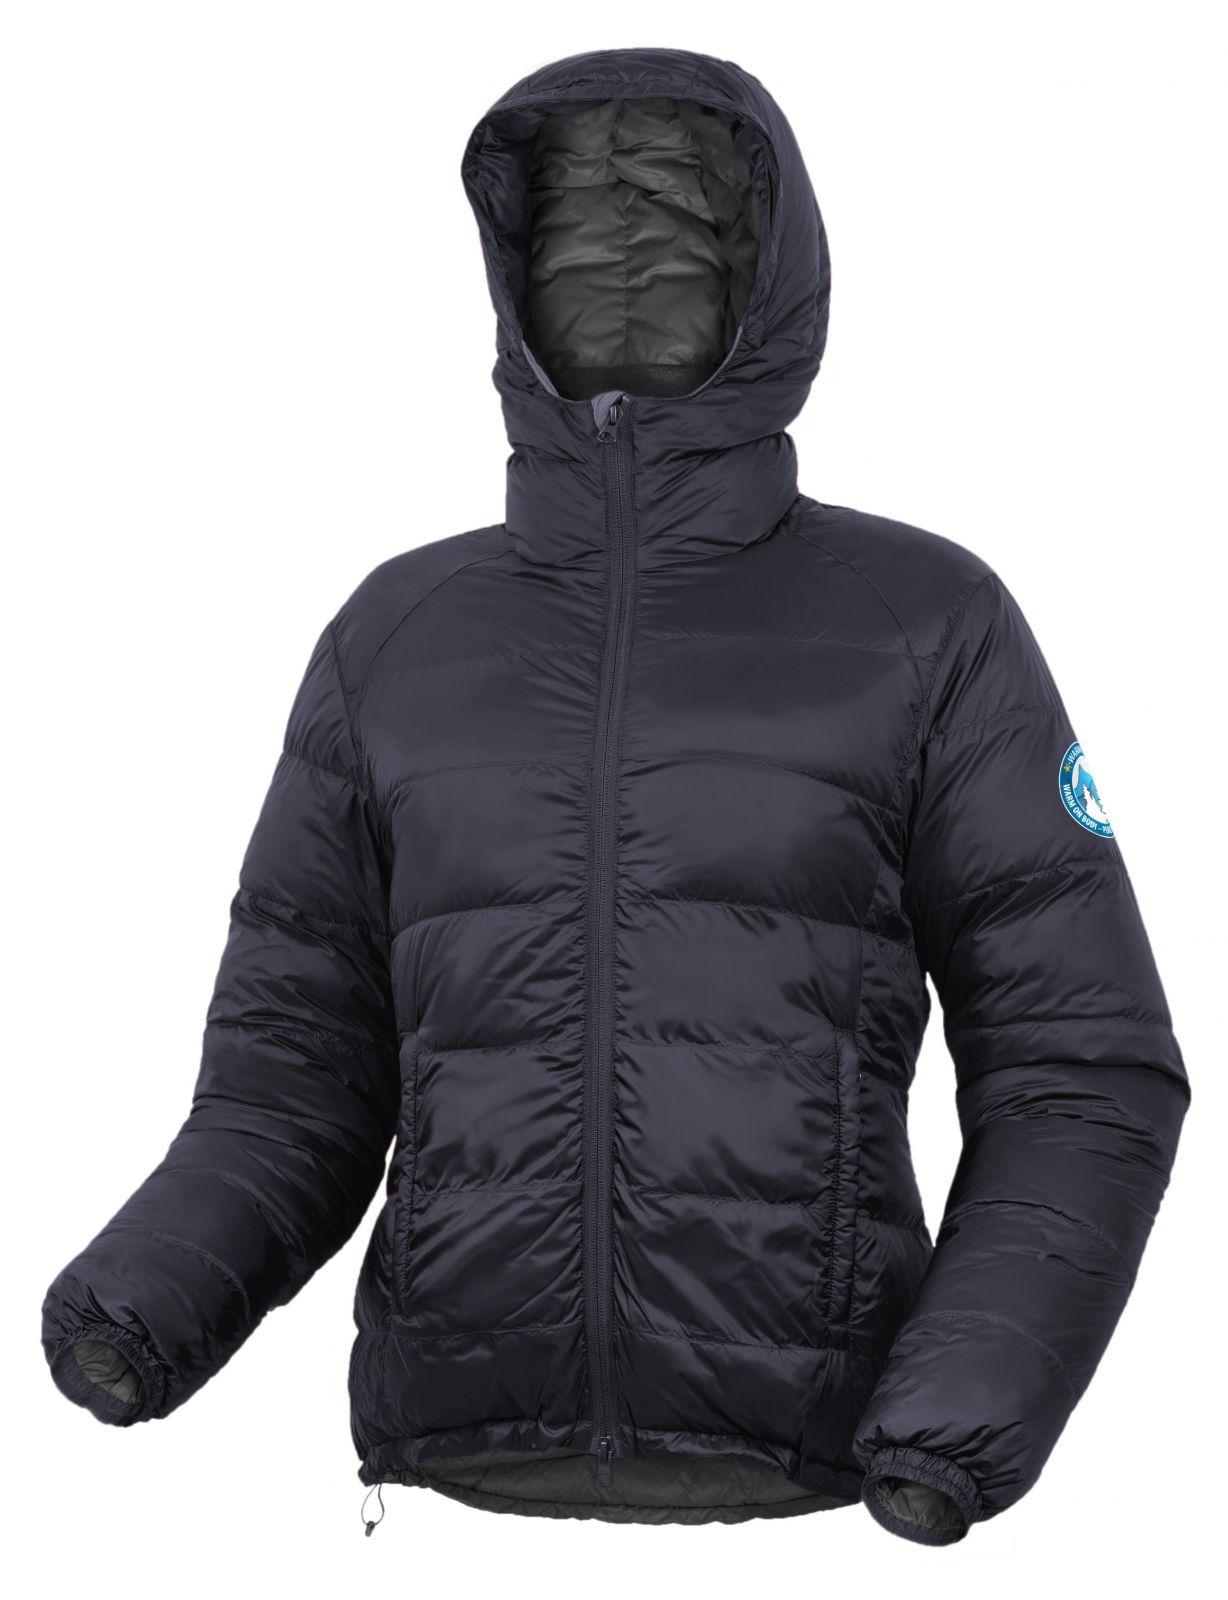 Warmpeace Sierra lady black dámská péřová bunda